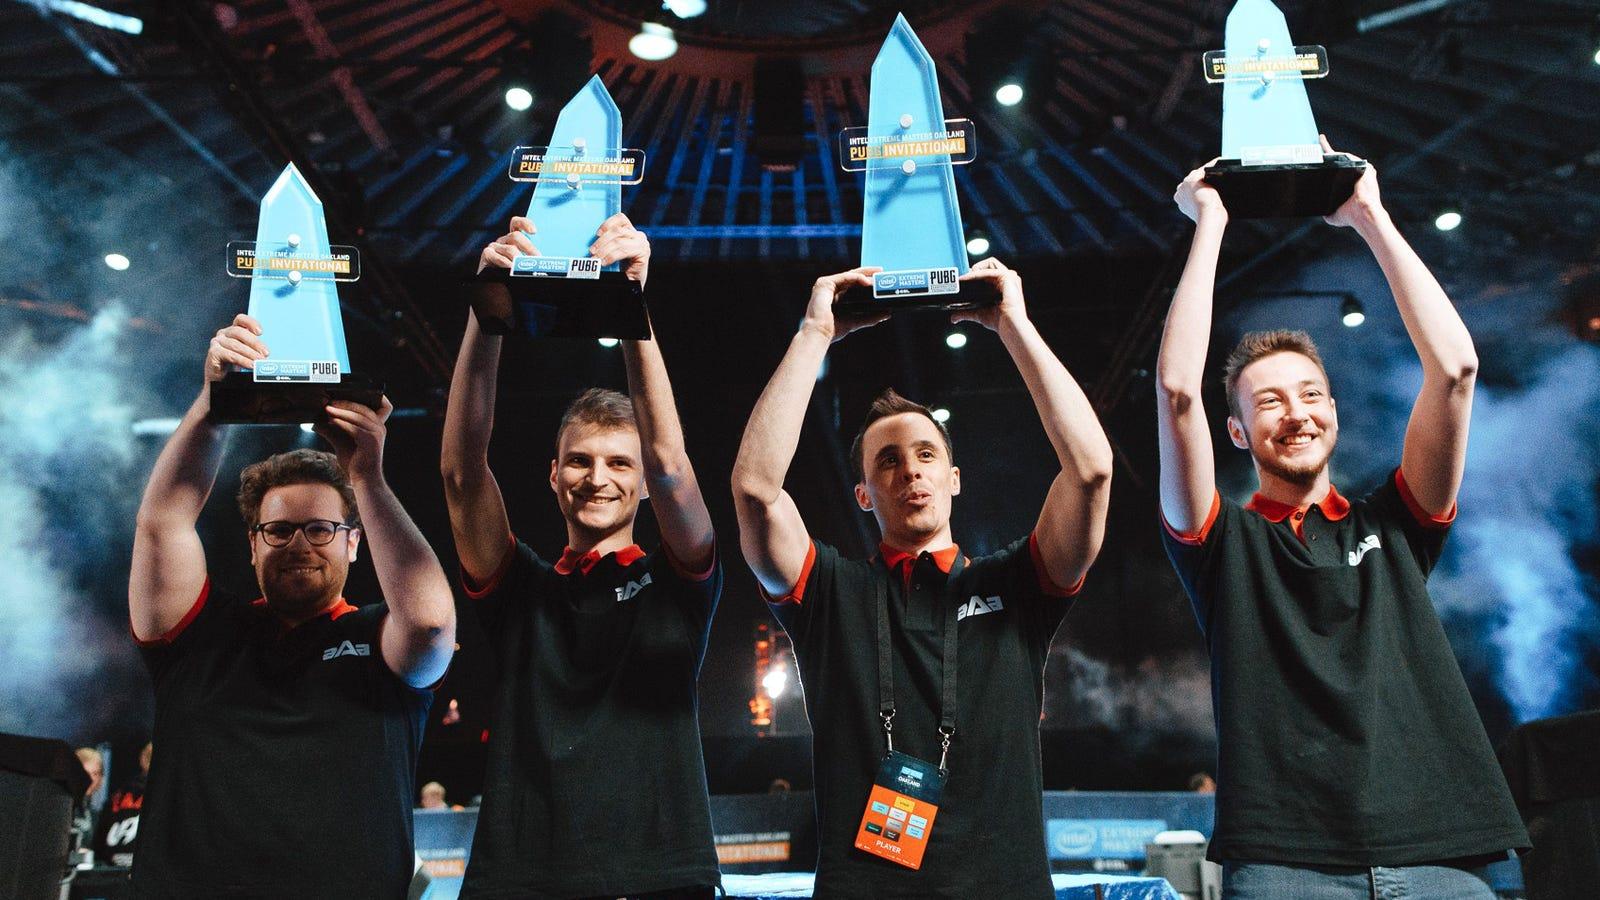 PUBG's Second Big Tournament Shows It Still Needs Work As An Esport